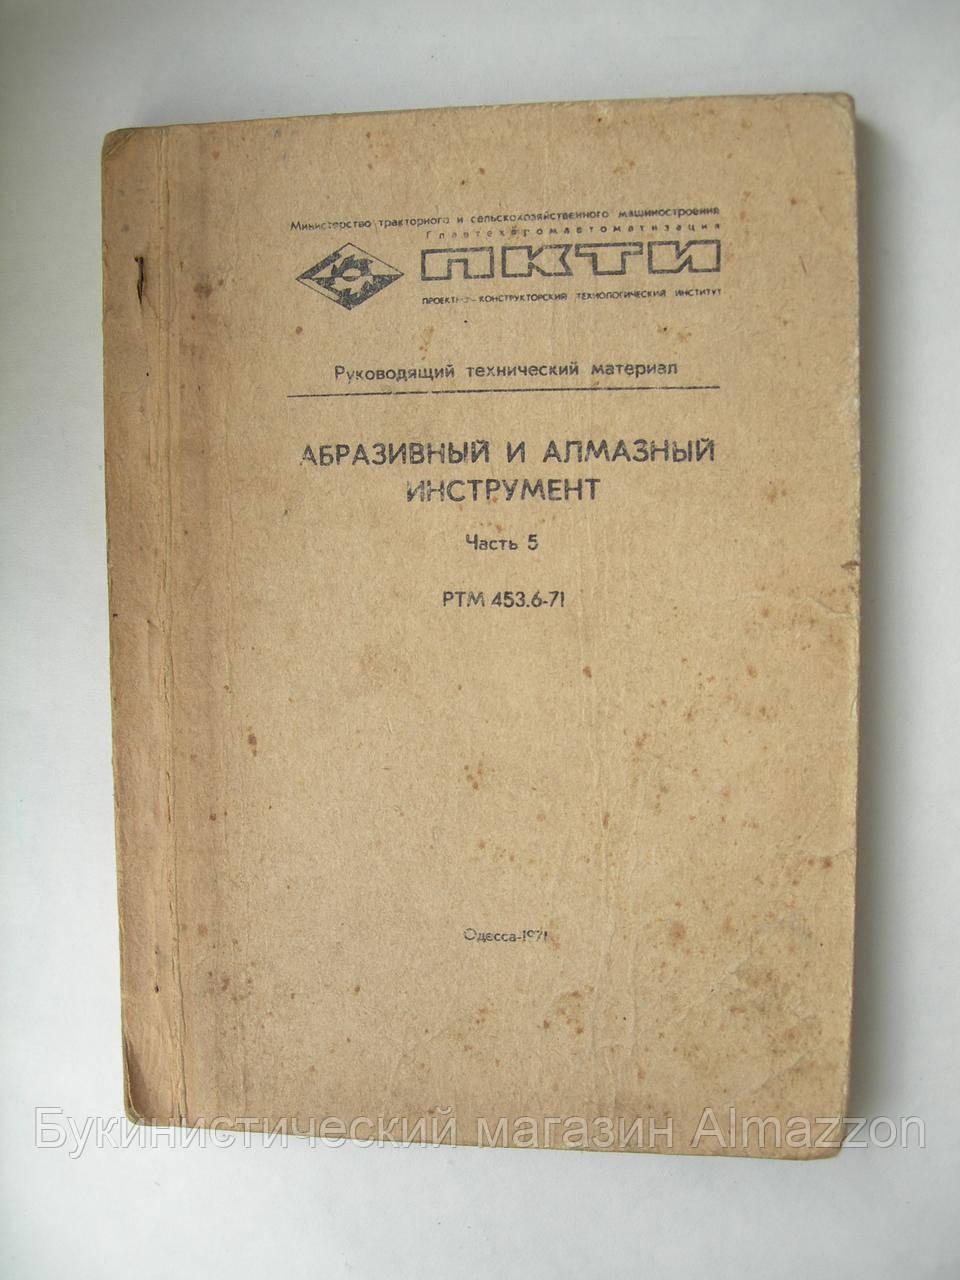 Абразивный и алмазный инструмент. Руководящий технический материал. 1971 год